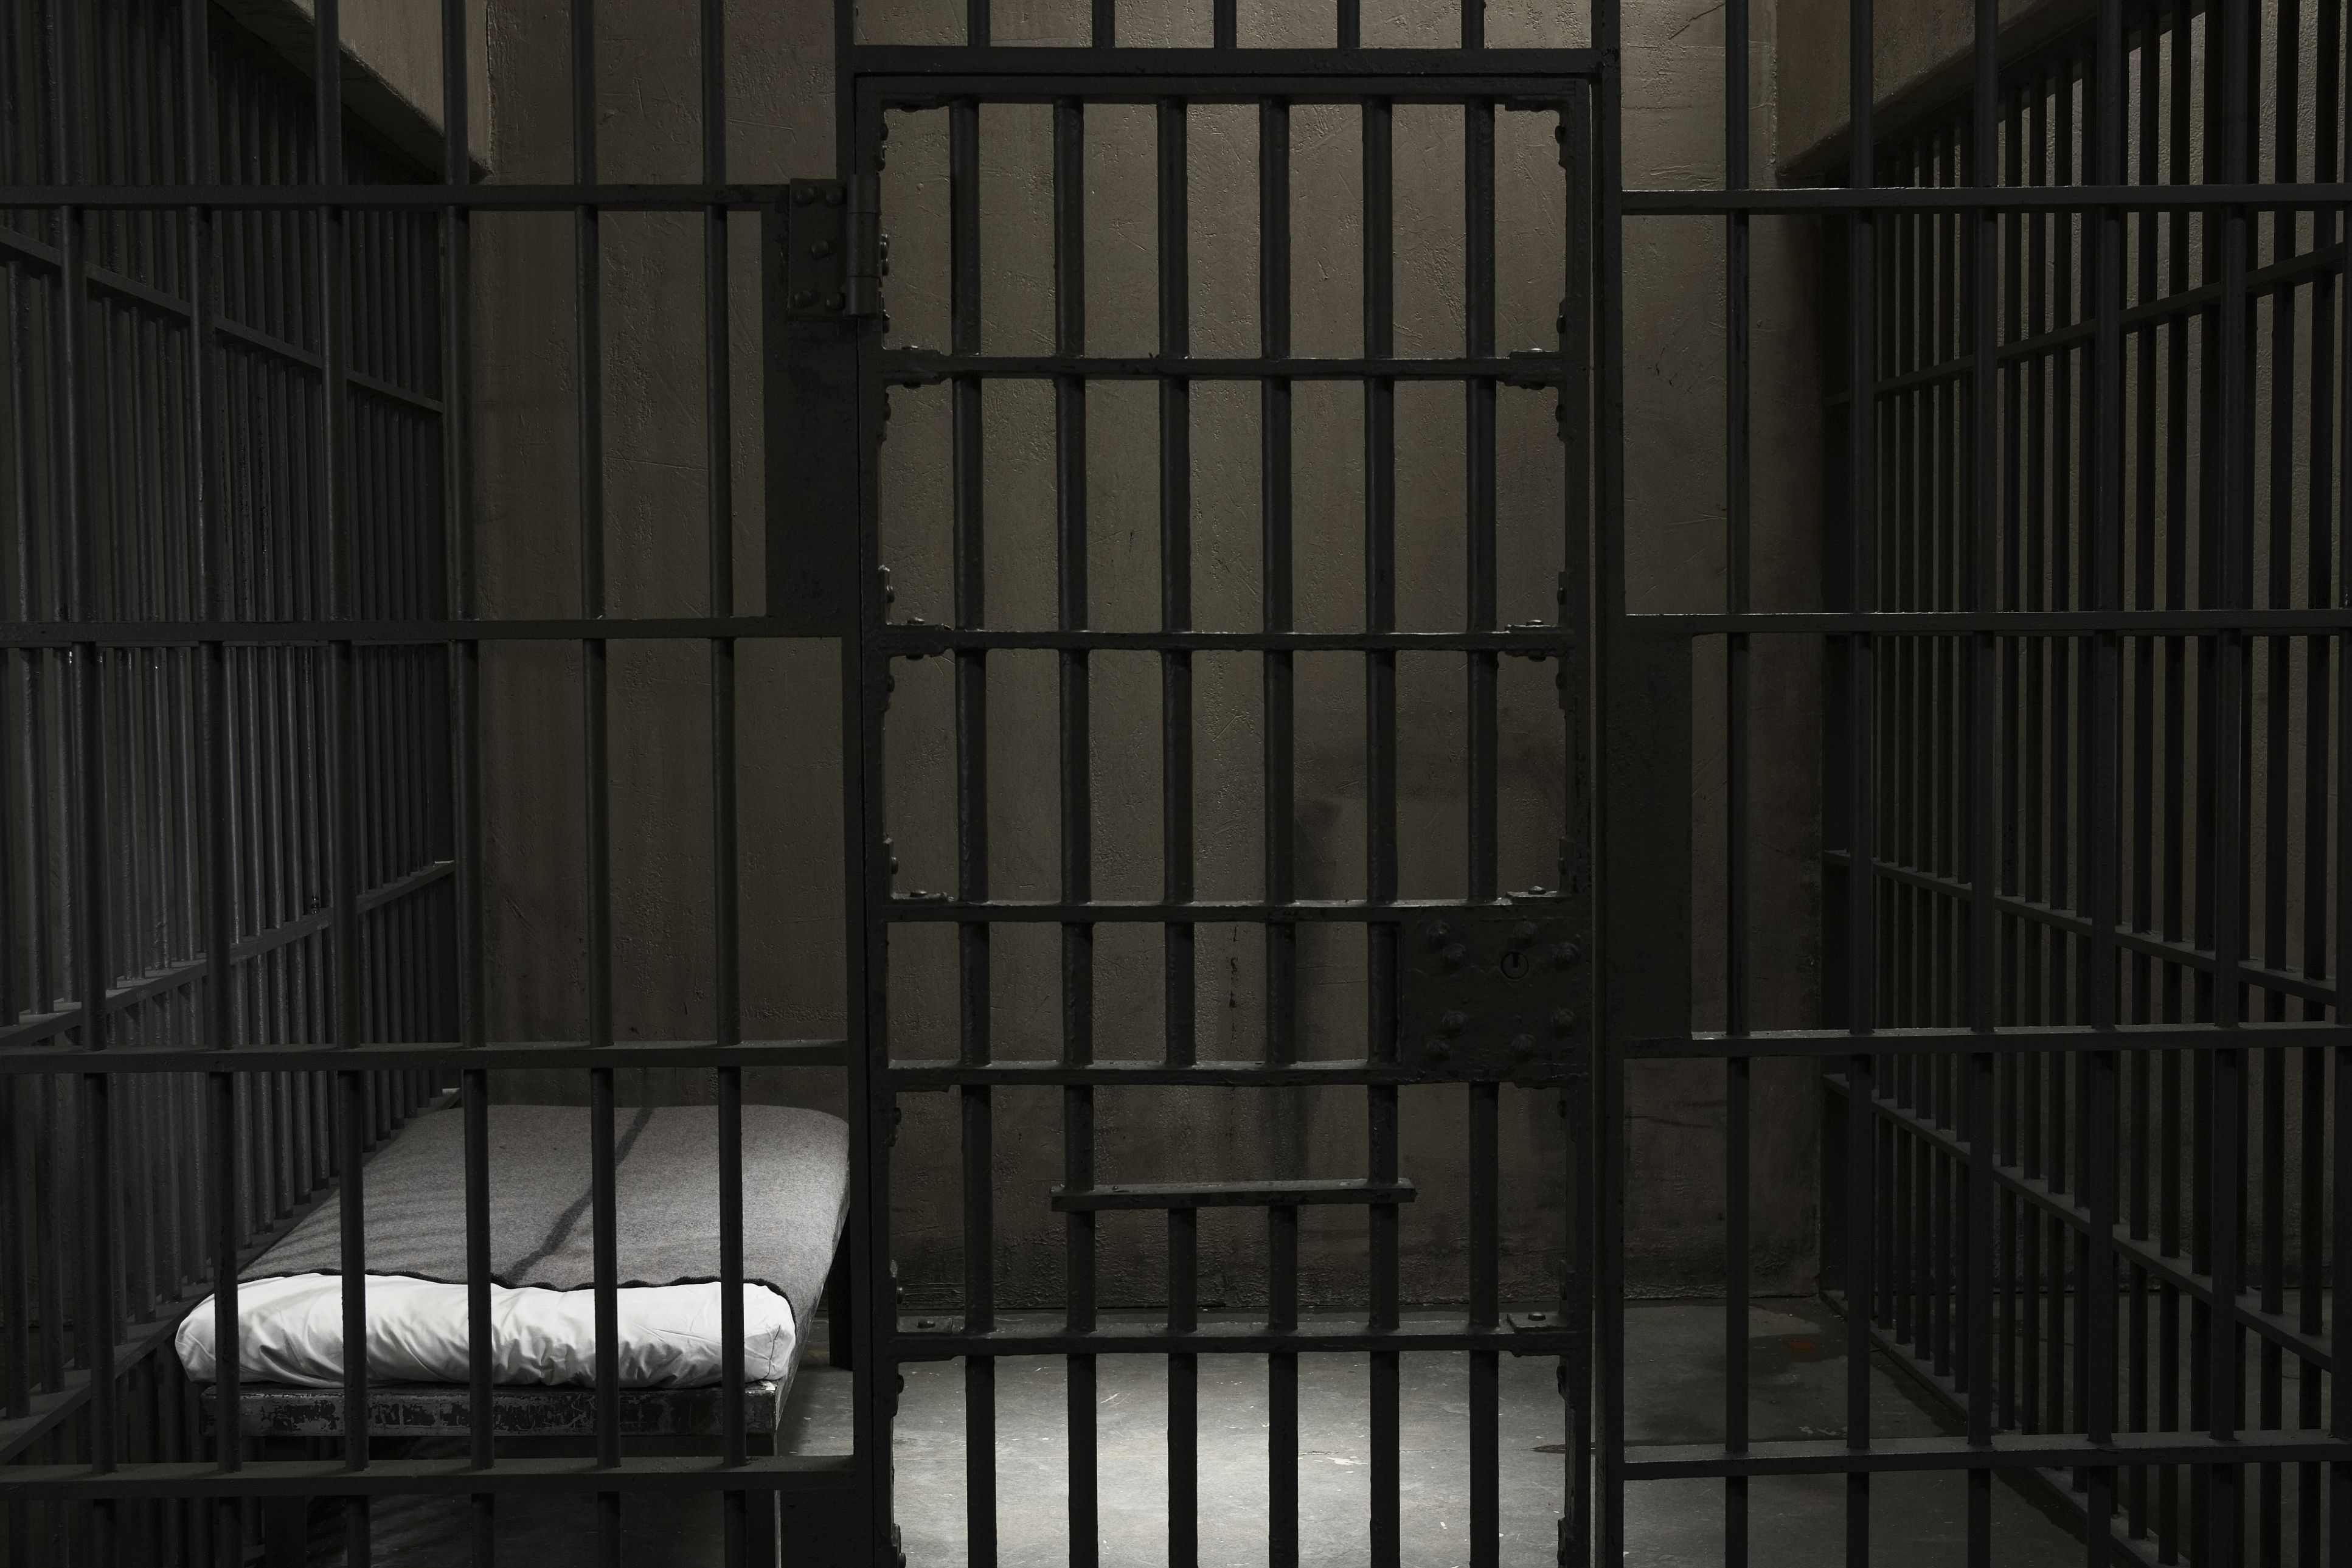 Ex-Prisoners facts